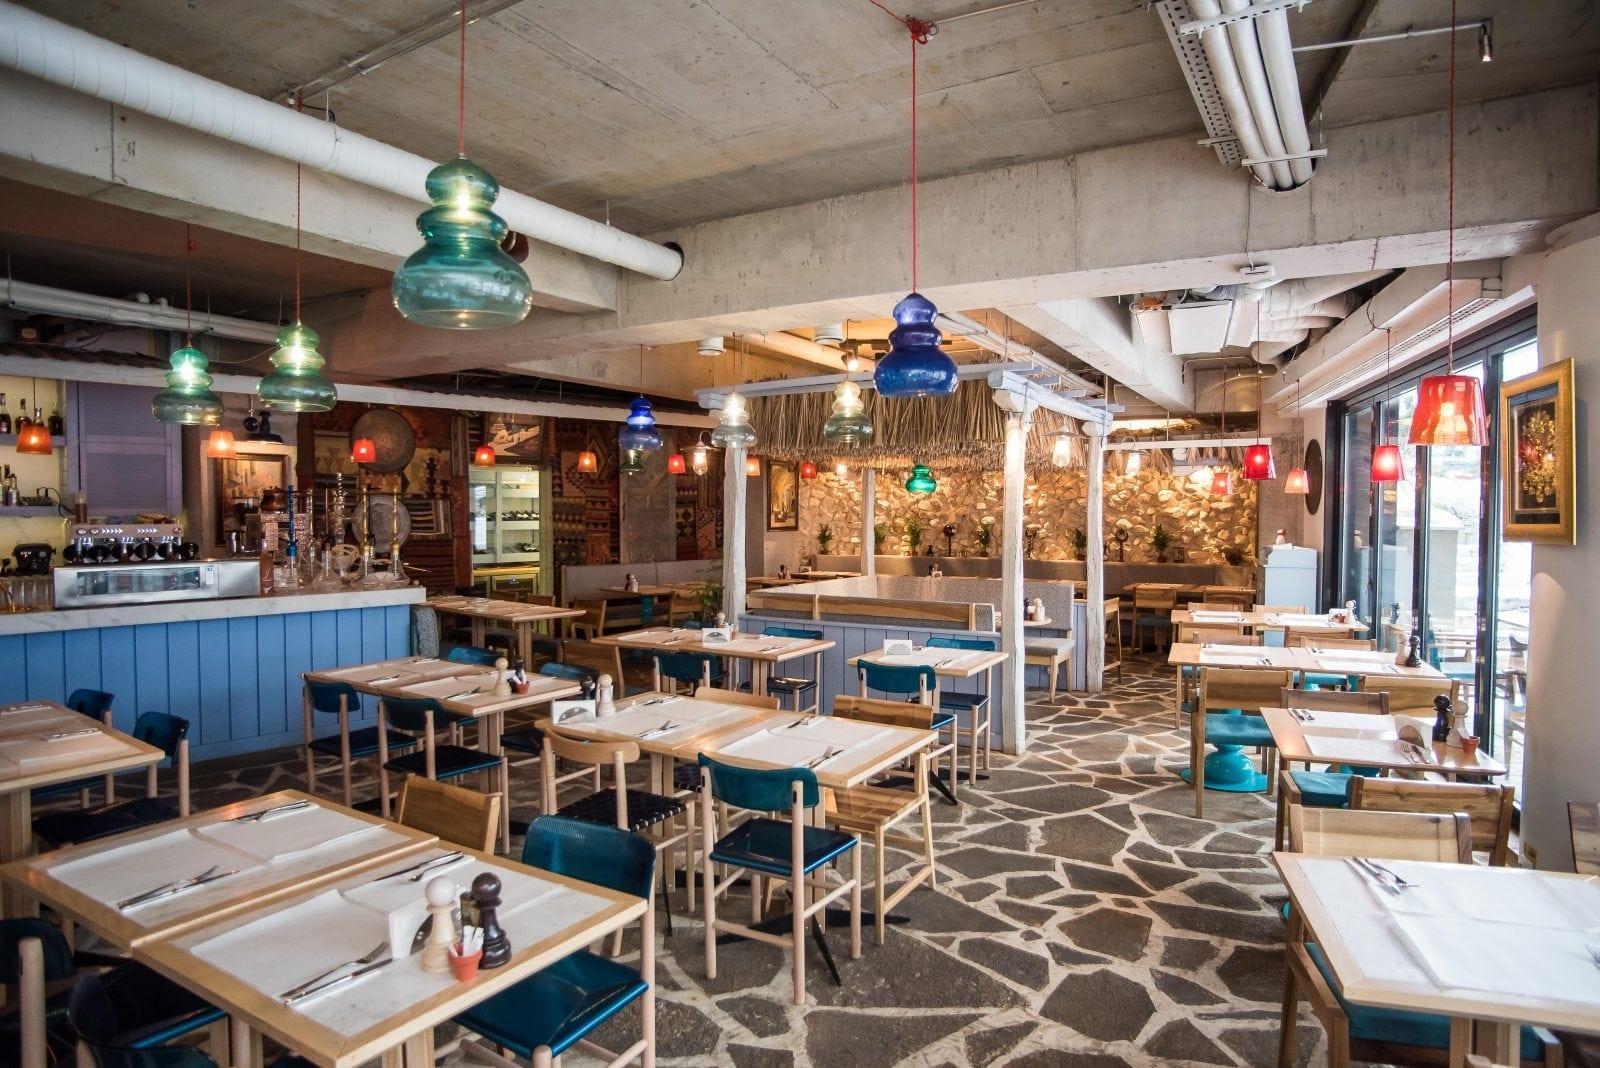 Divan 003 - Când cultura și gastronomia turcească se întâlnesc la Divan Brands